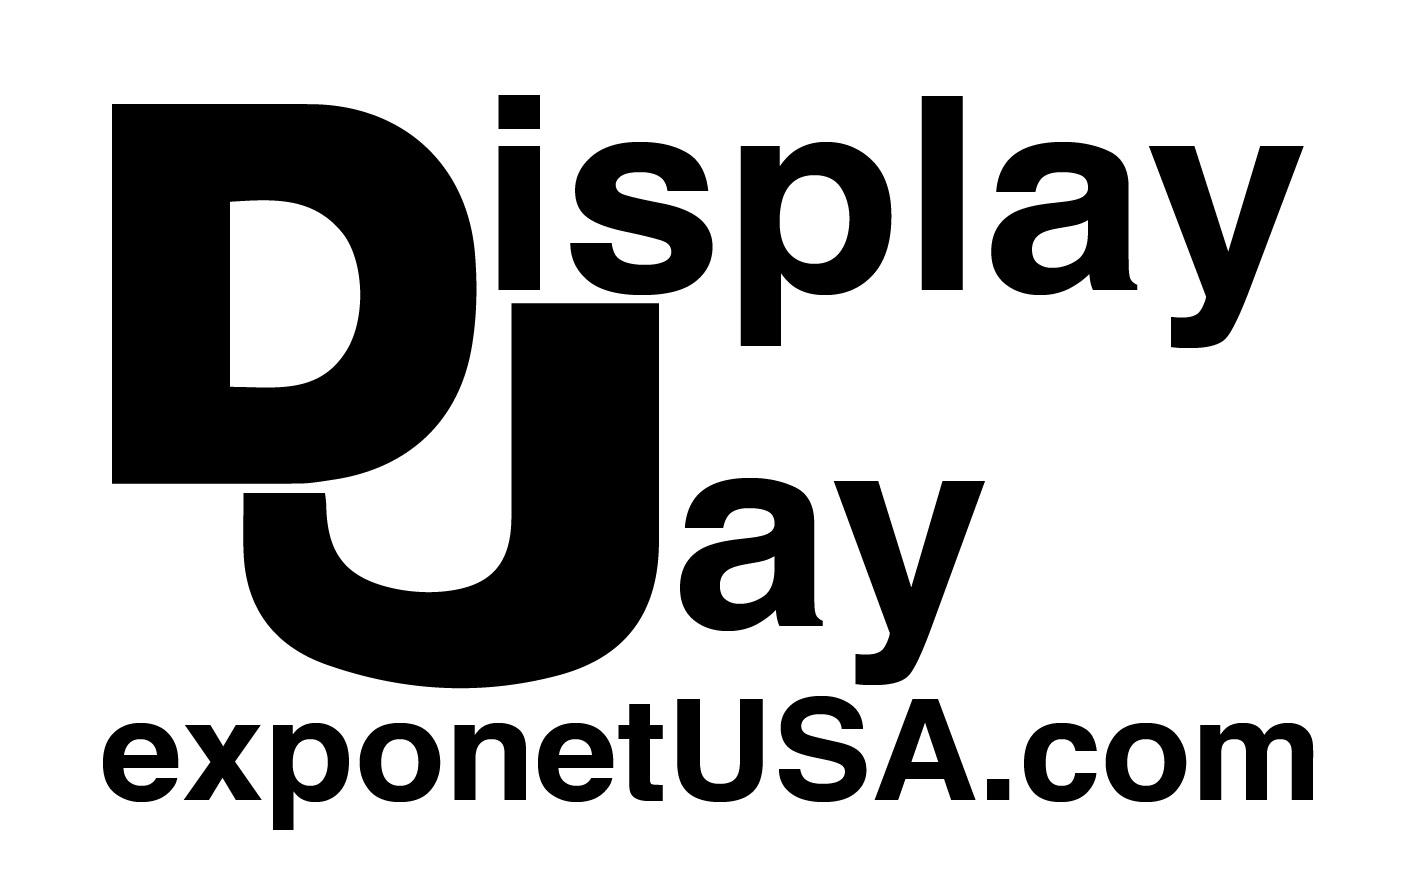 displayjay-logo-03.jpg